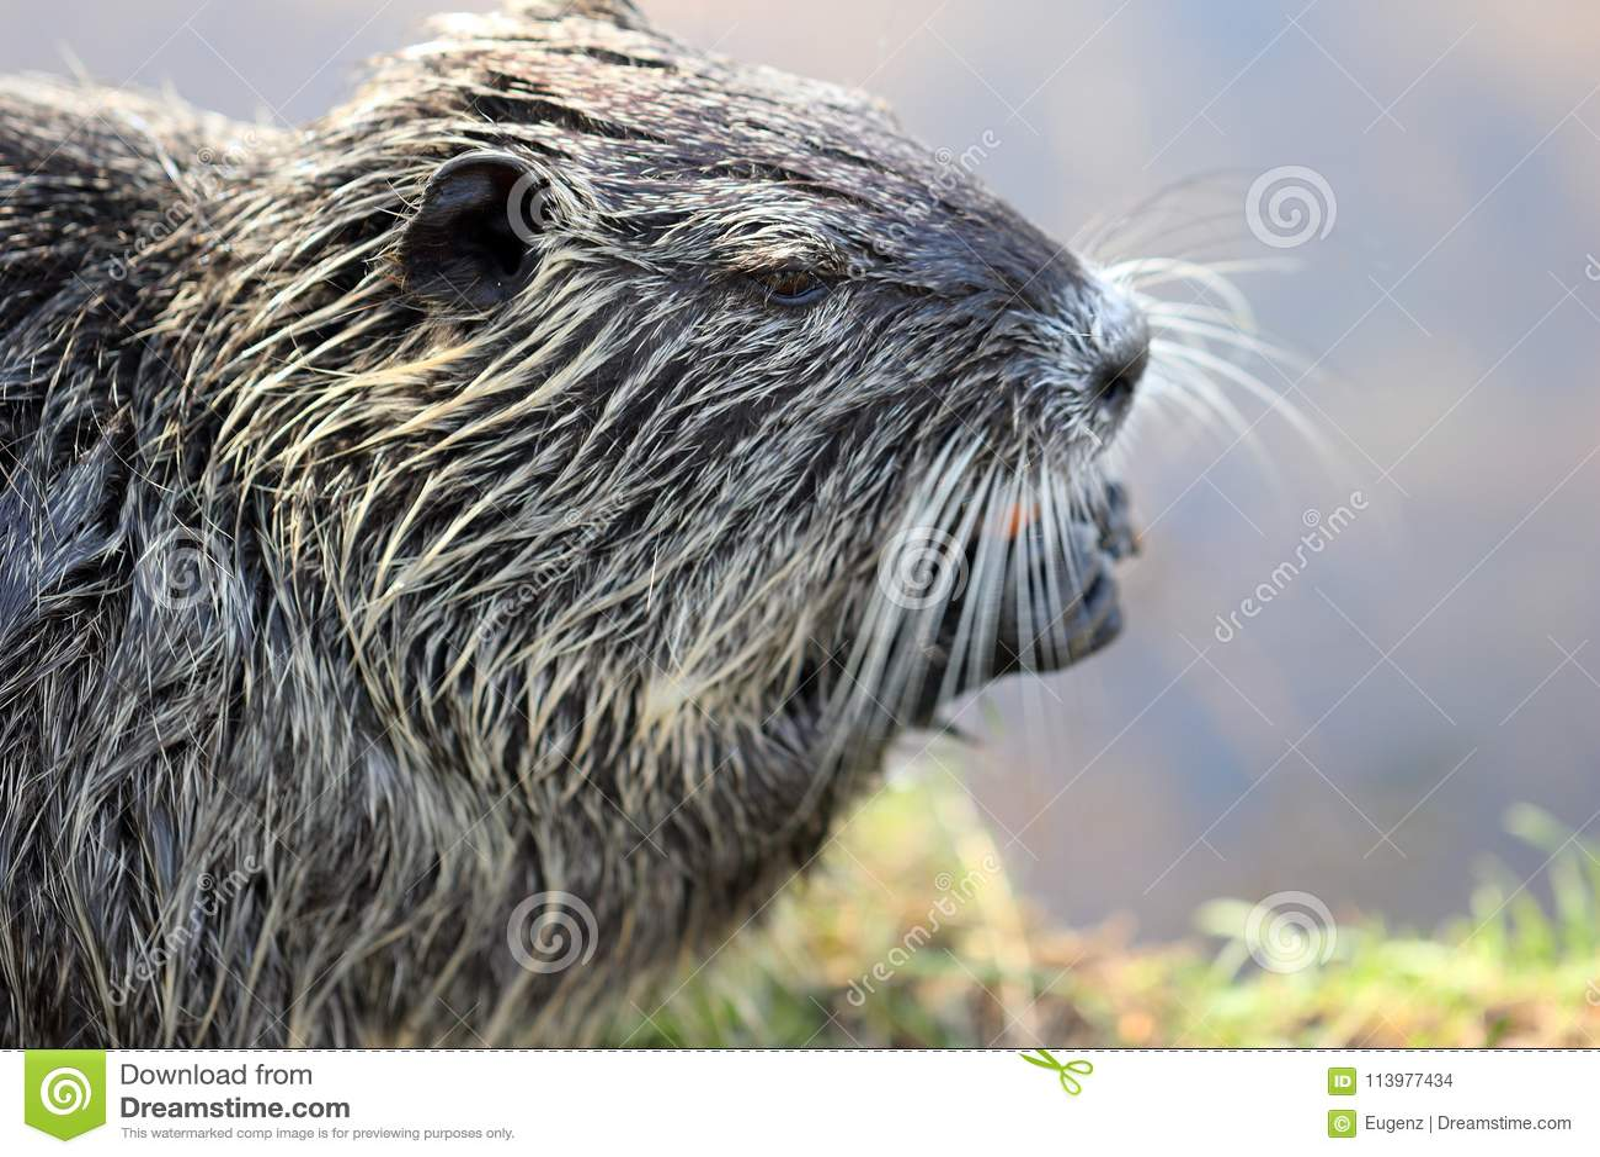 Sluit omhoog fotografie van een één enkele nutria of coypu terwijl het eten van een wortel bij een rivierbank op een heldere zonn